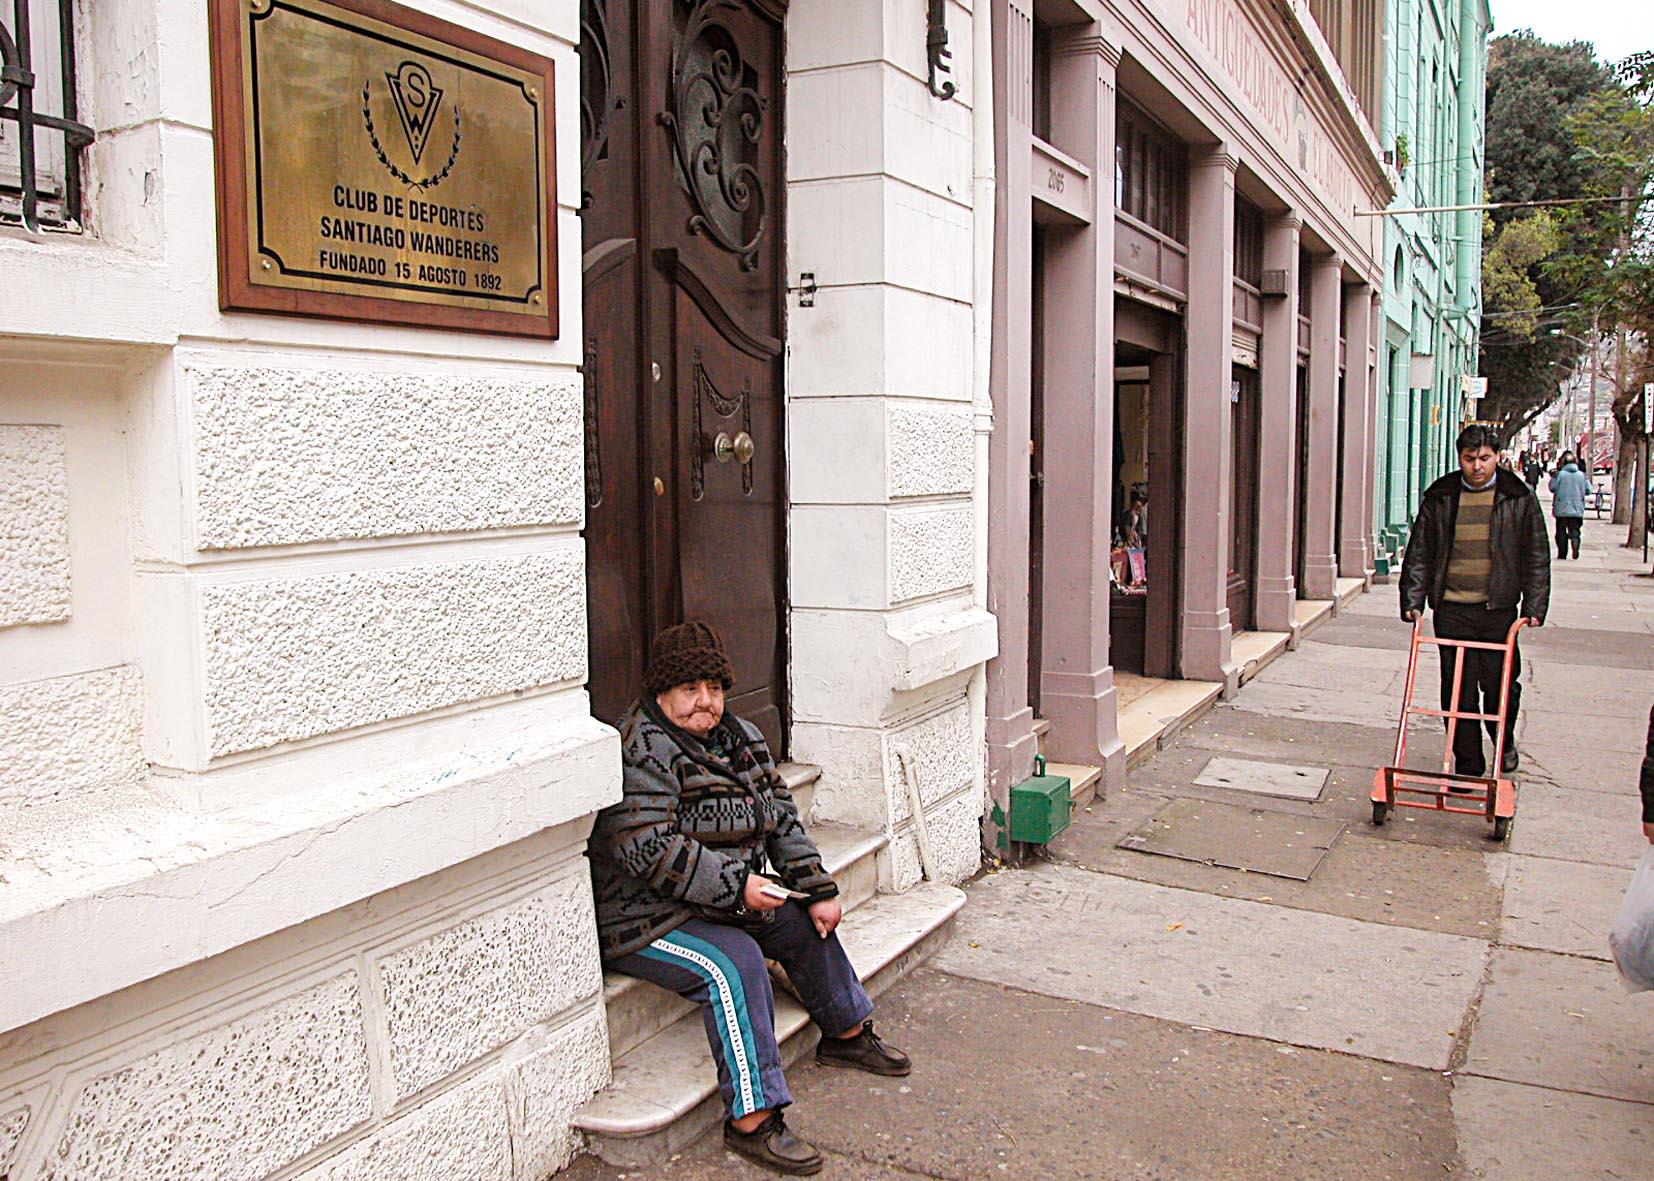 FOTOS] Valparaíso, fotografiarlo con pasos de vagabundo - El